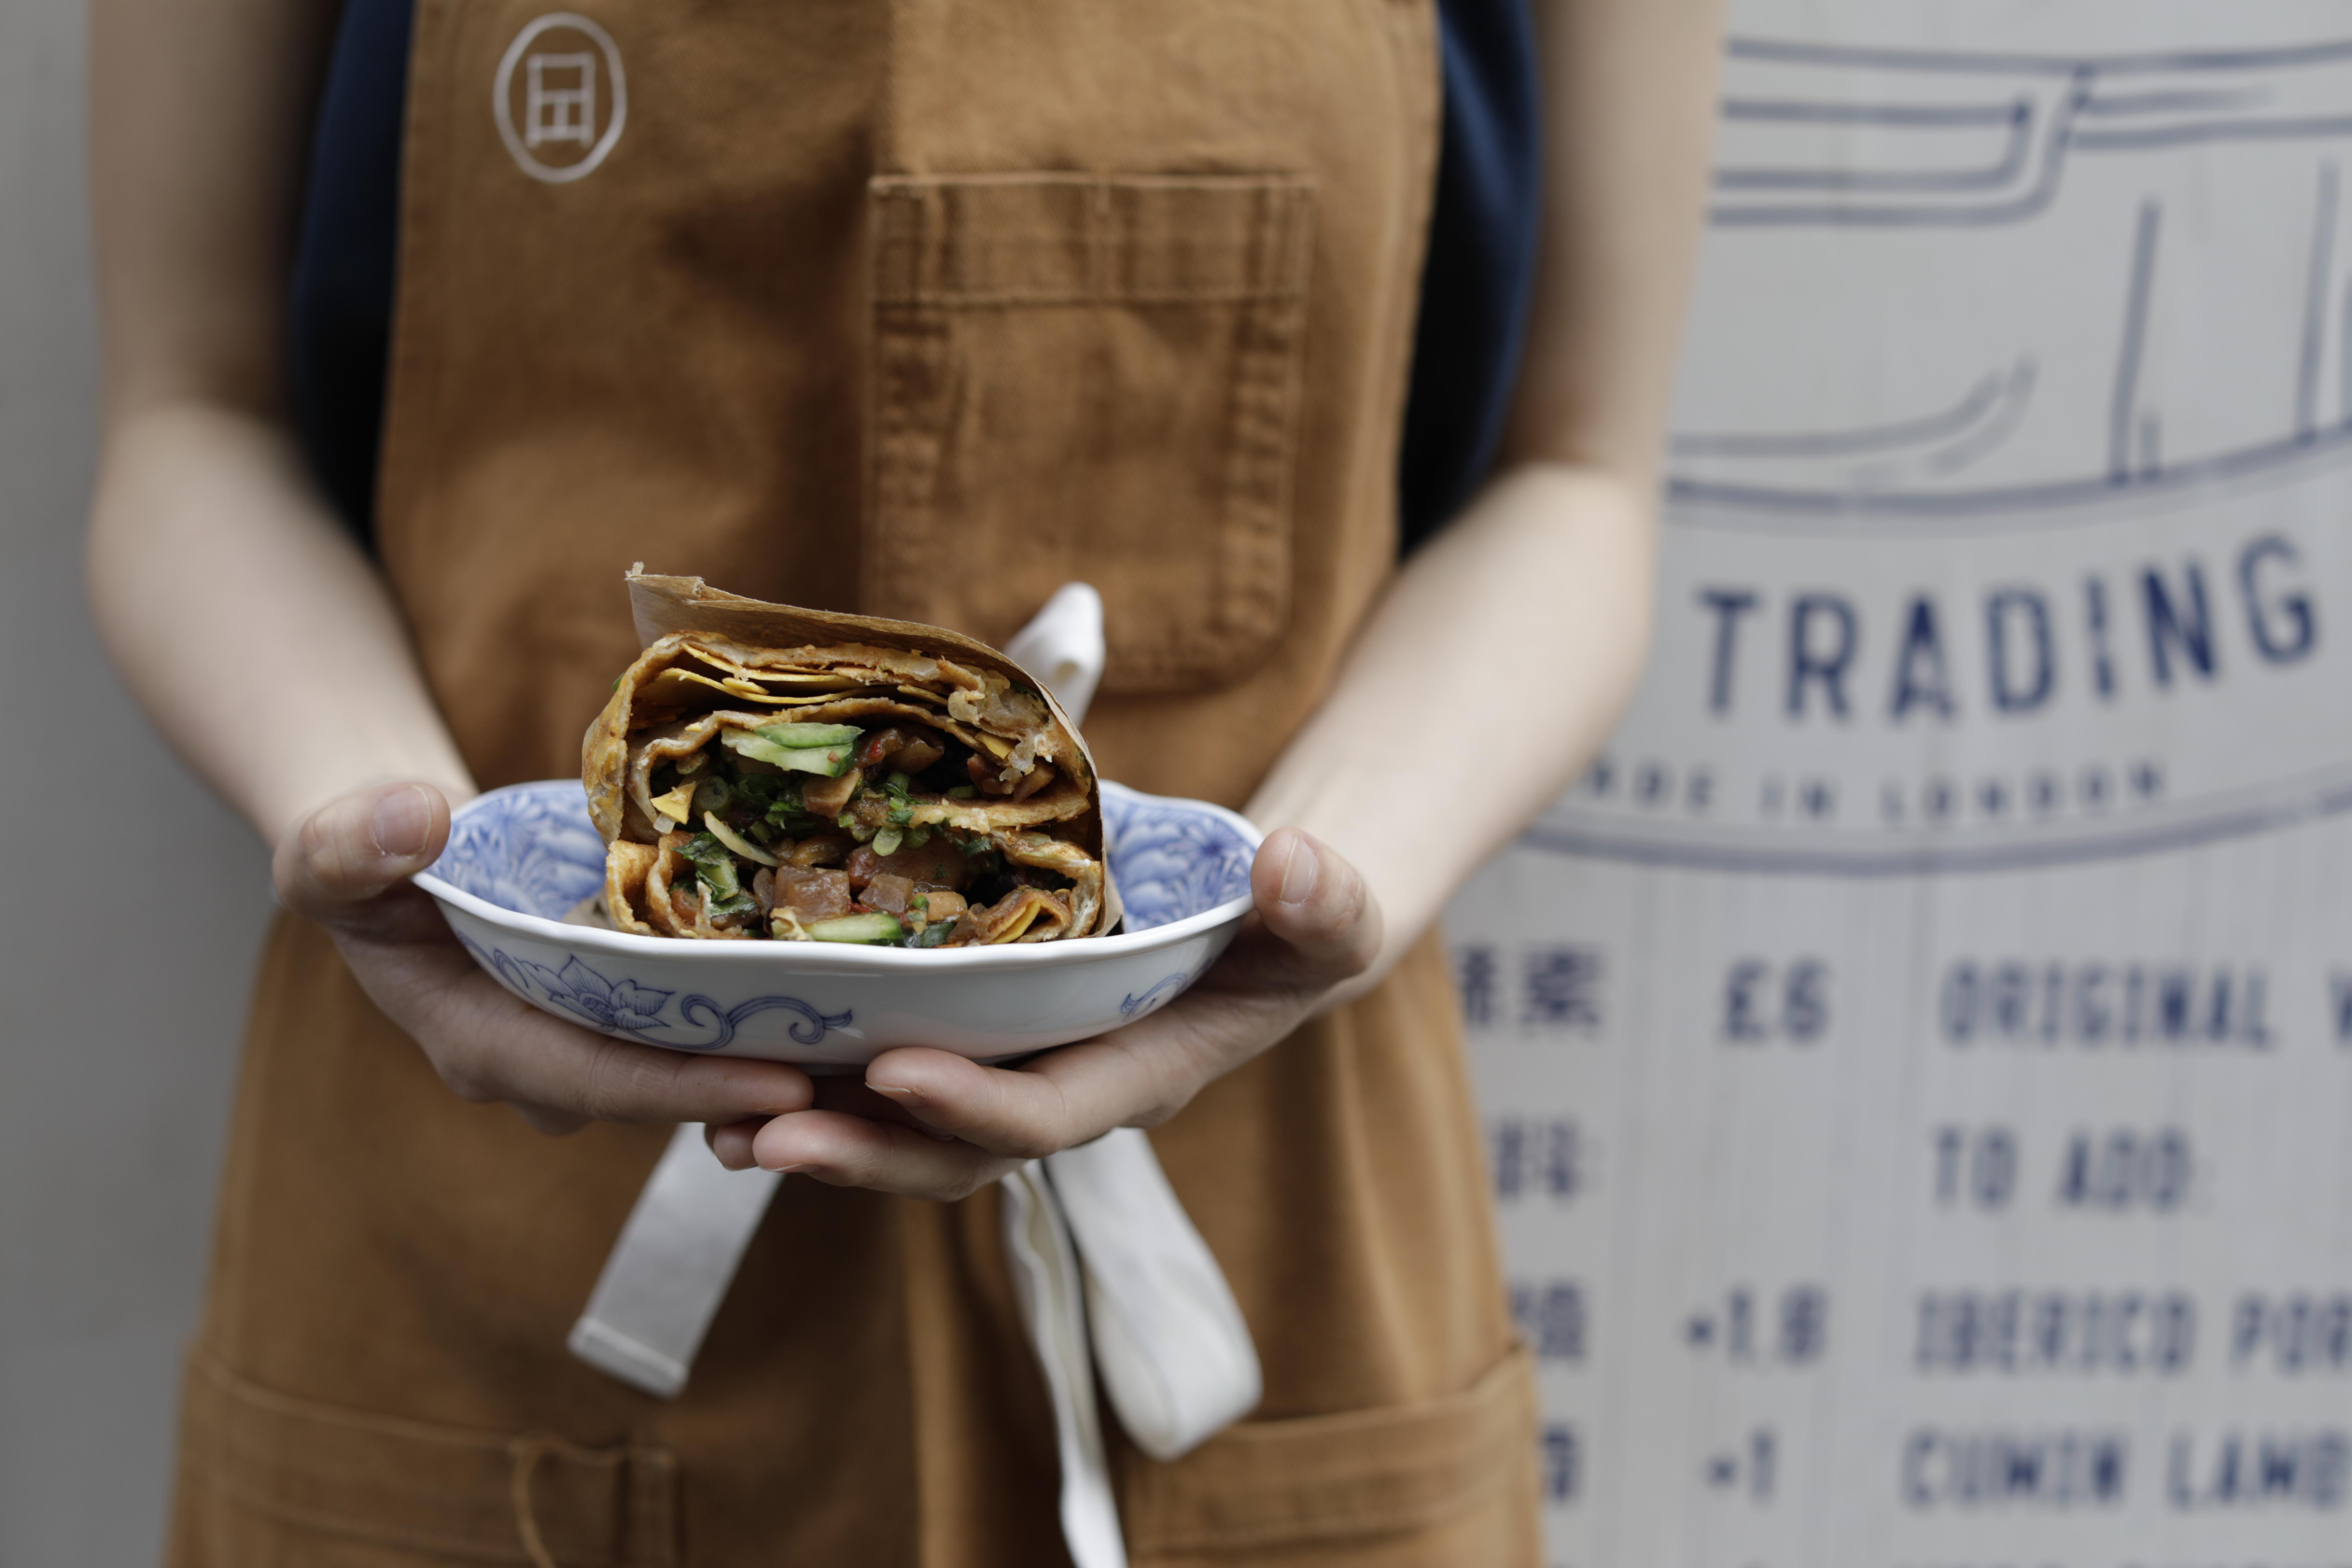 Pleasant Lady Jian Bing's jianbing is one of London's best street foods